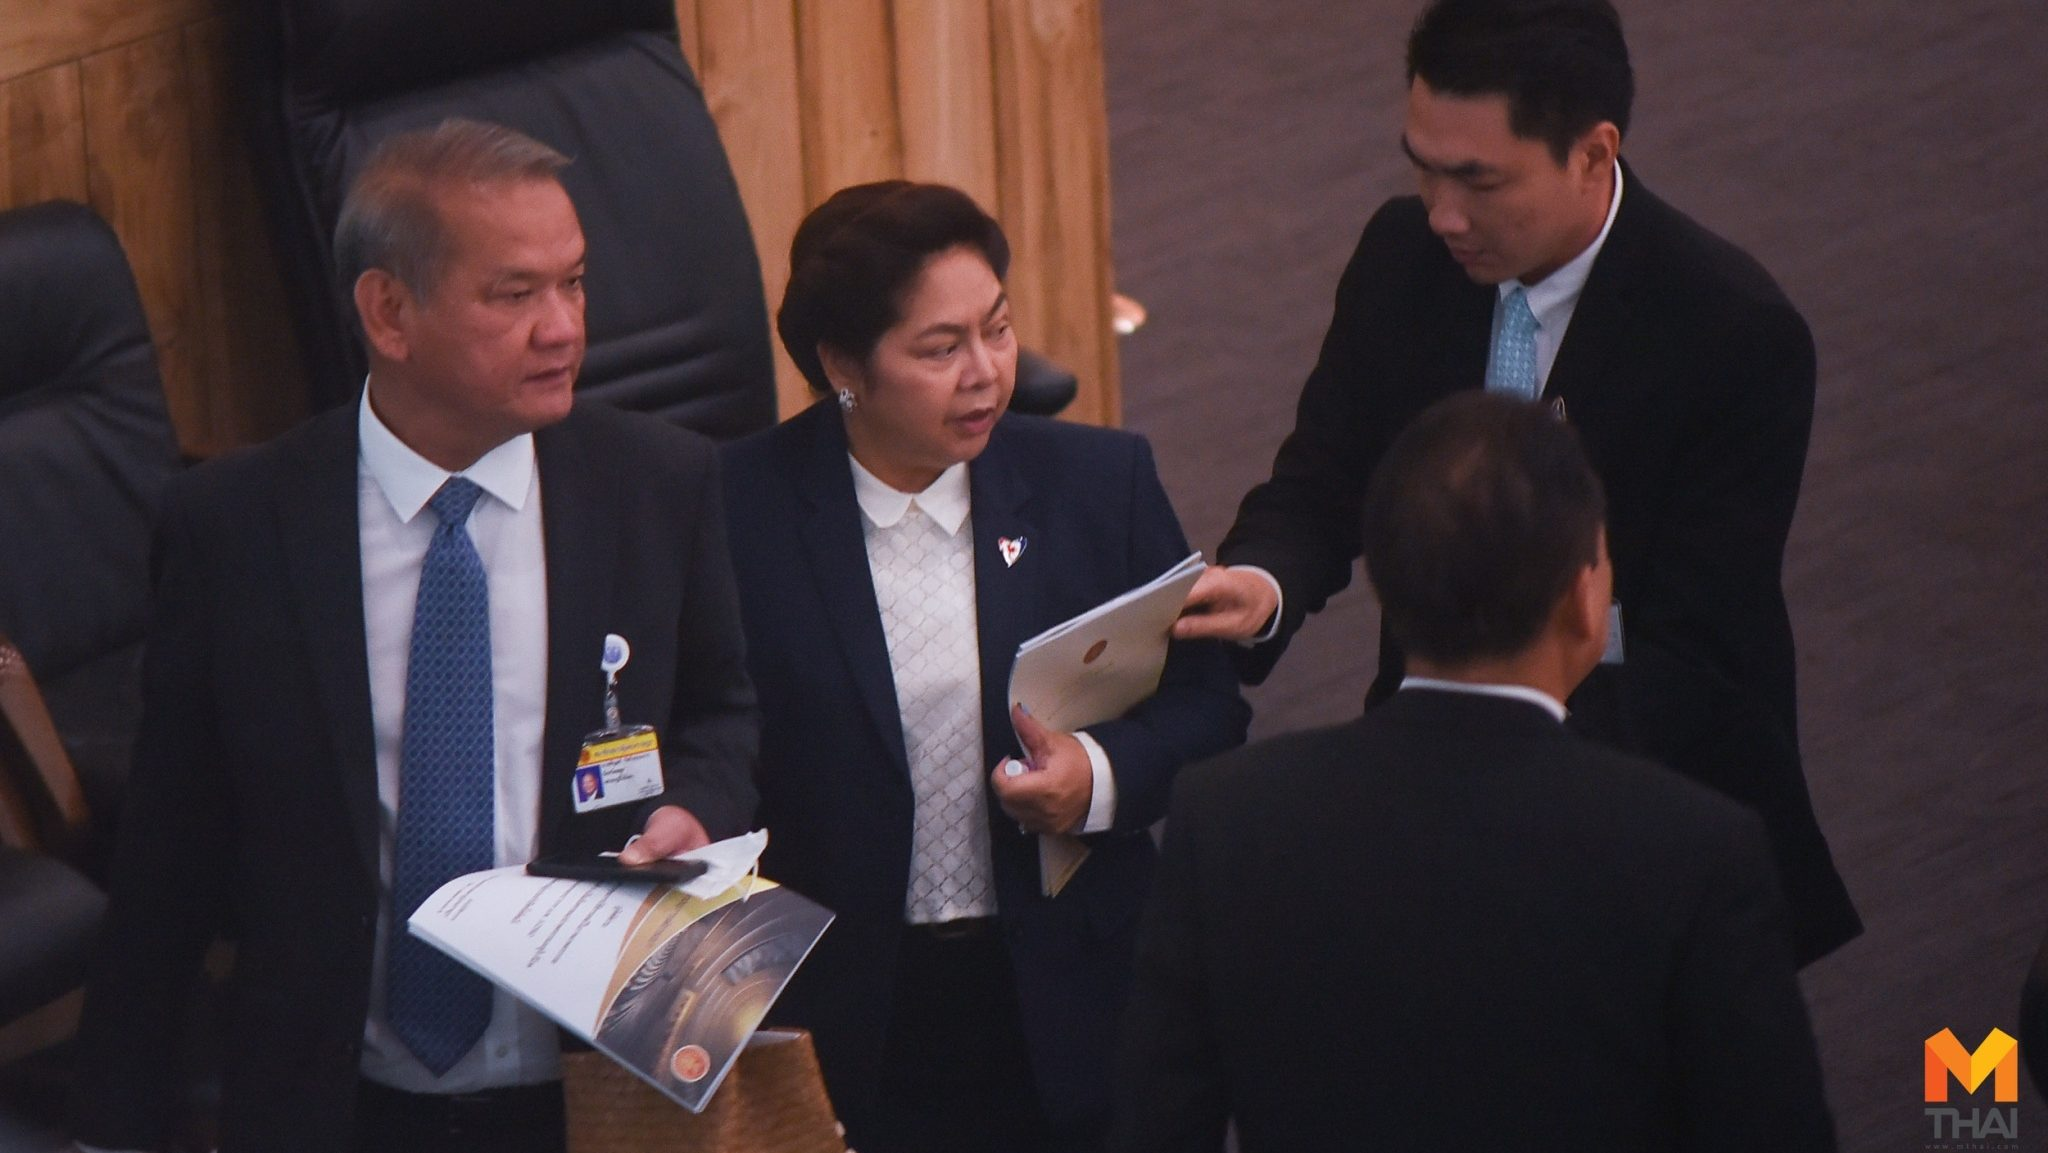 ข่าวสดวันนี้ นาที รัชกิจประการ พรรคภูมิใจไทย